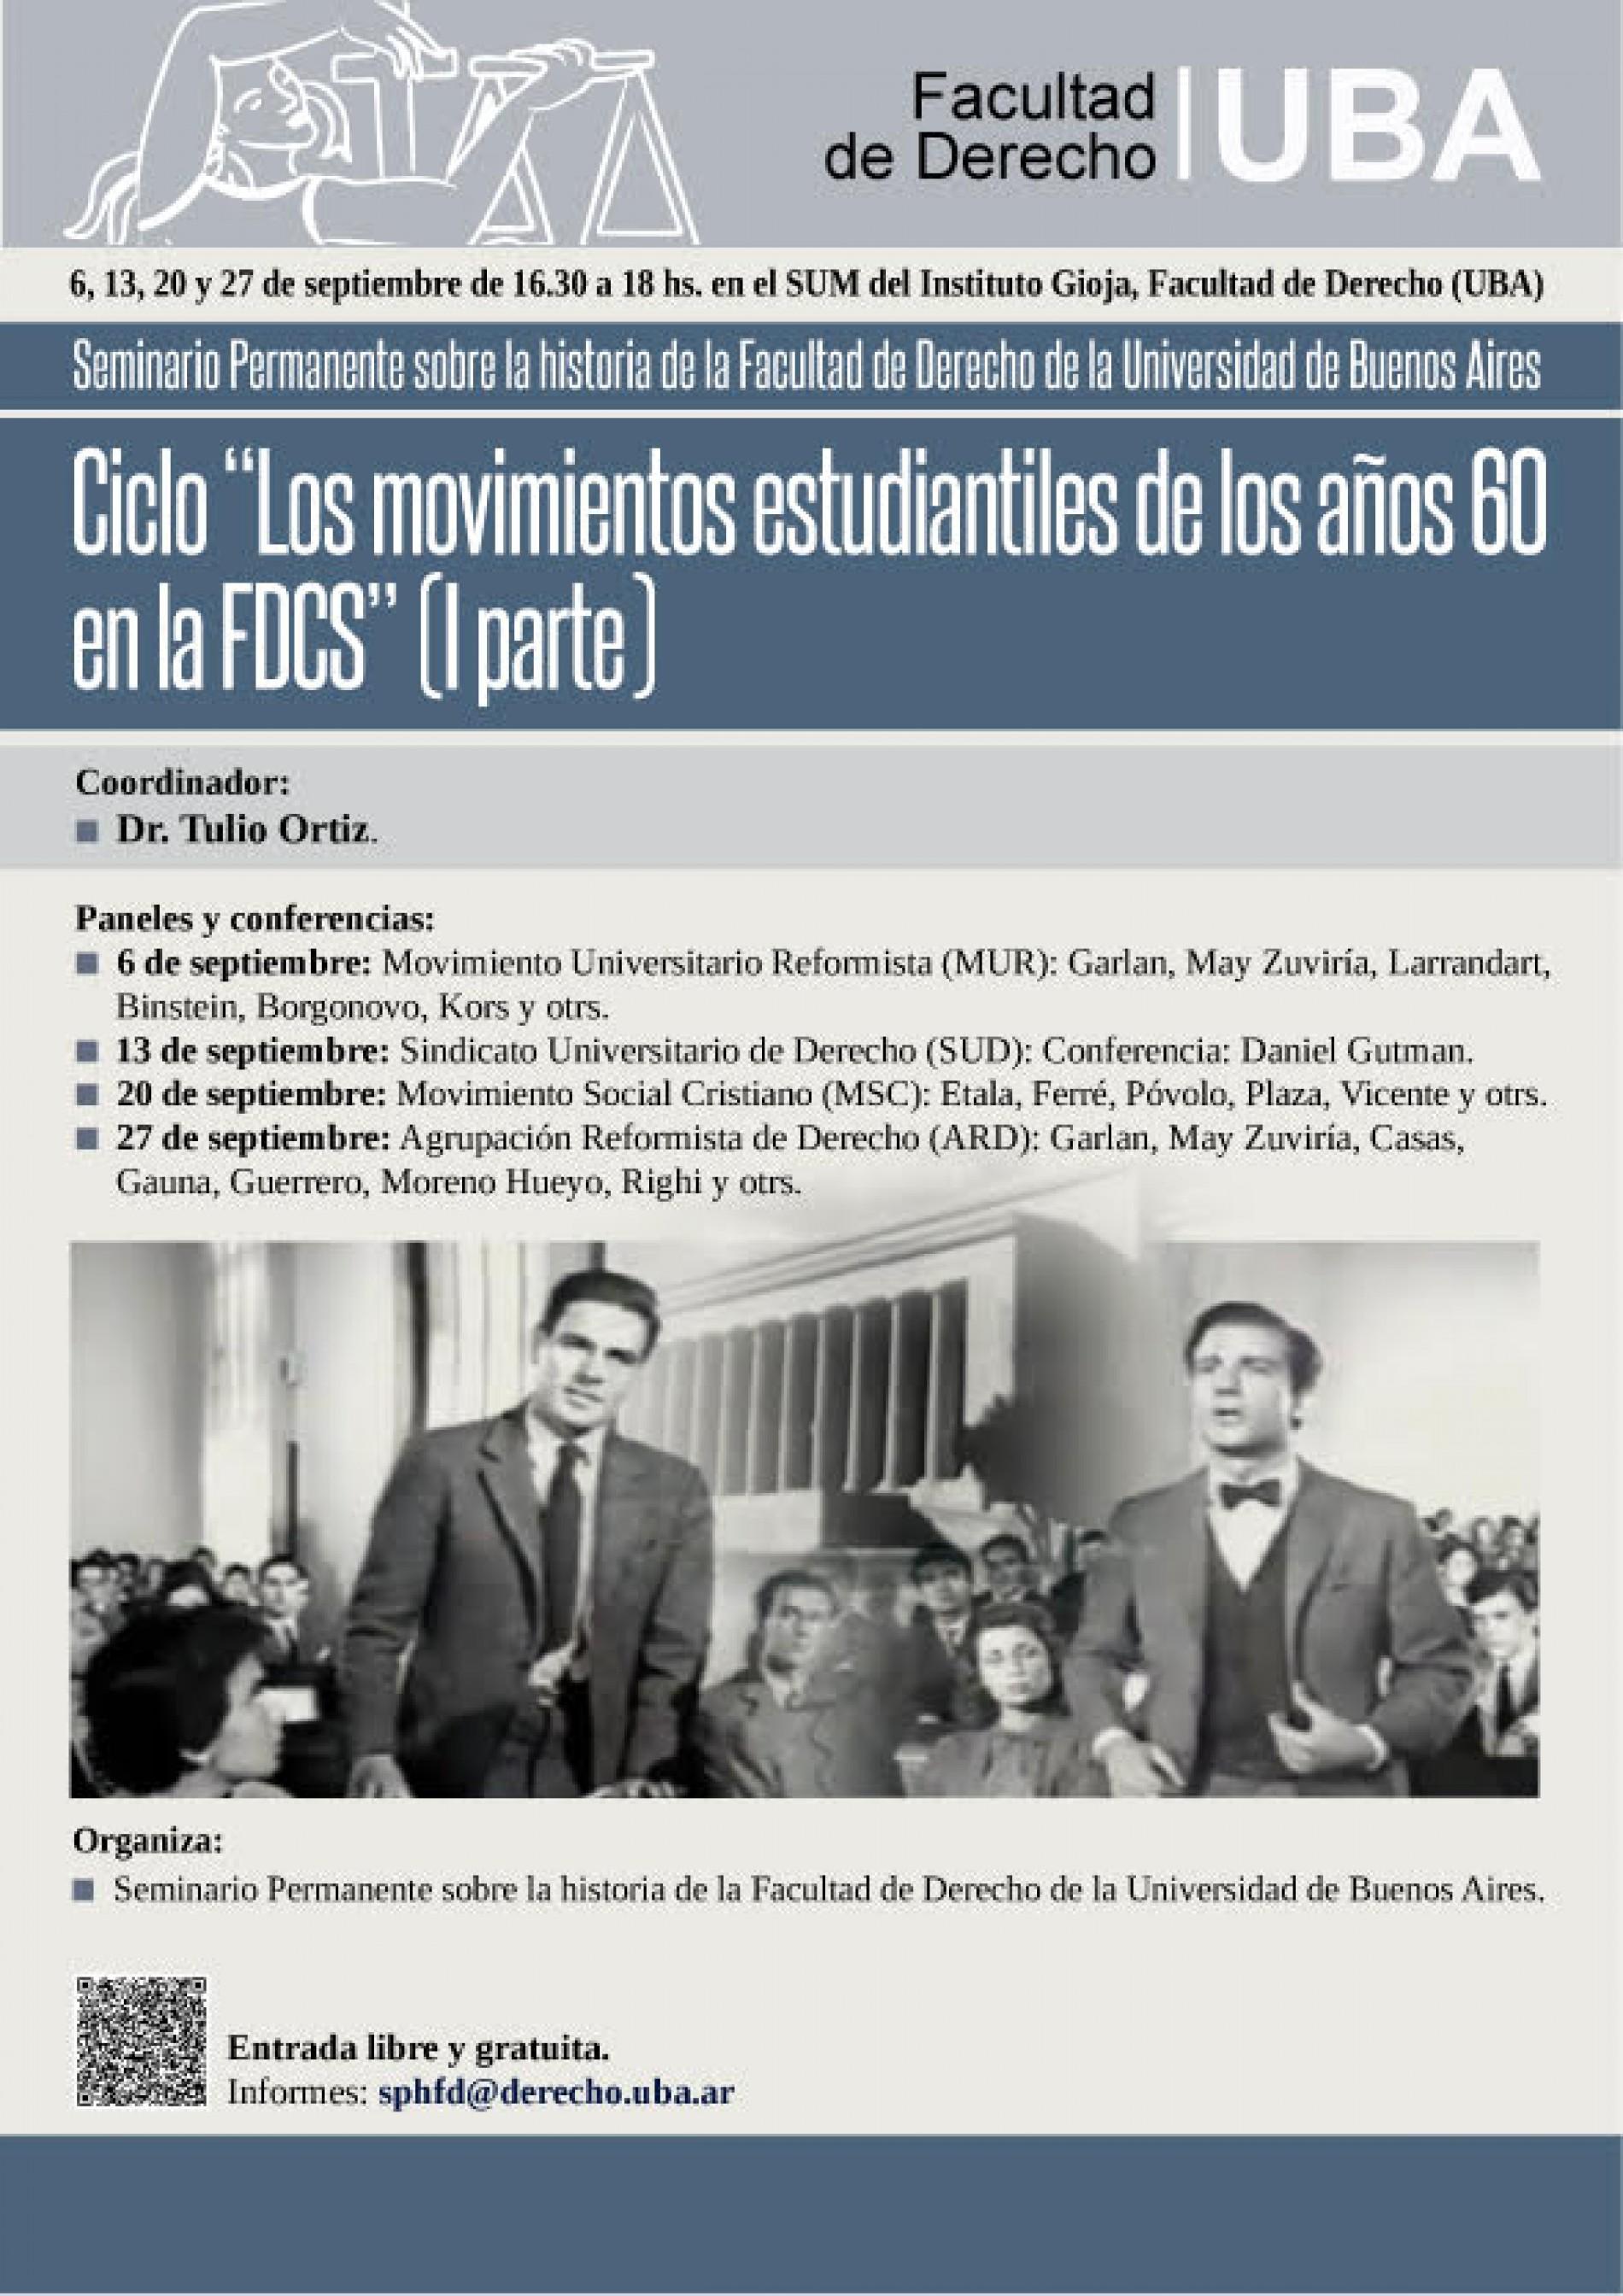 » Ciclo: Los movimientos estudiantiles de los años 60 en la Facultad de Derecho U.B.A. -1º parte- «